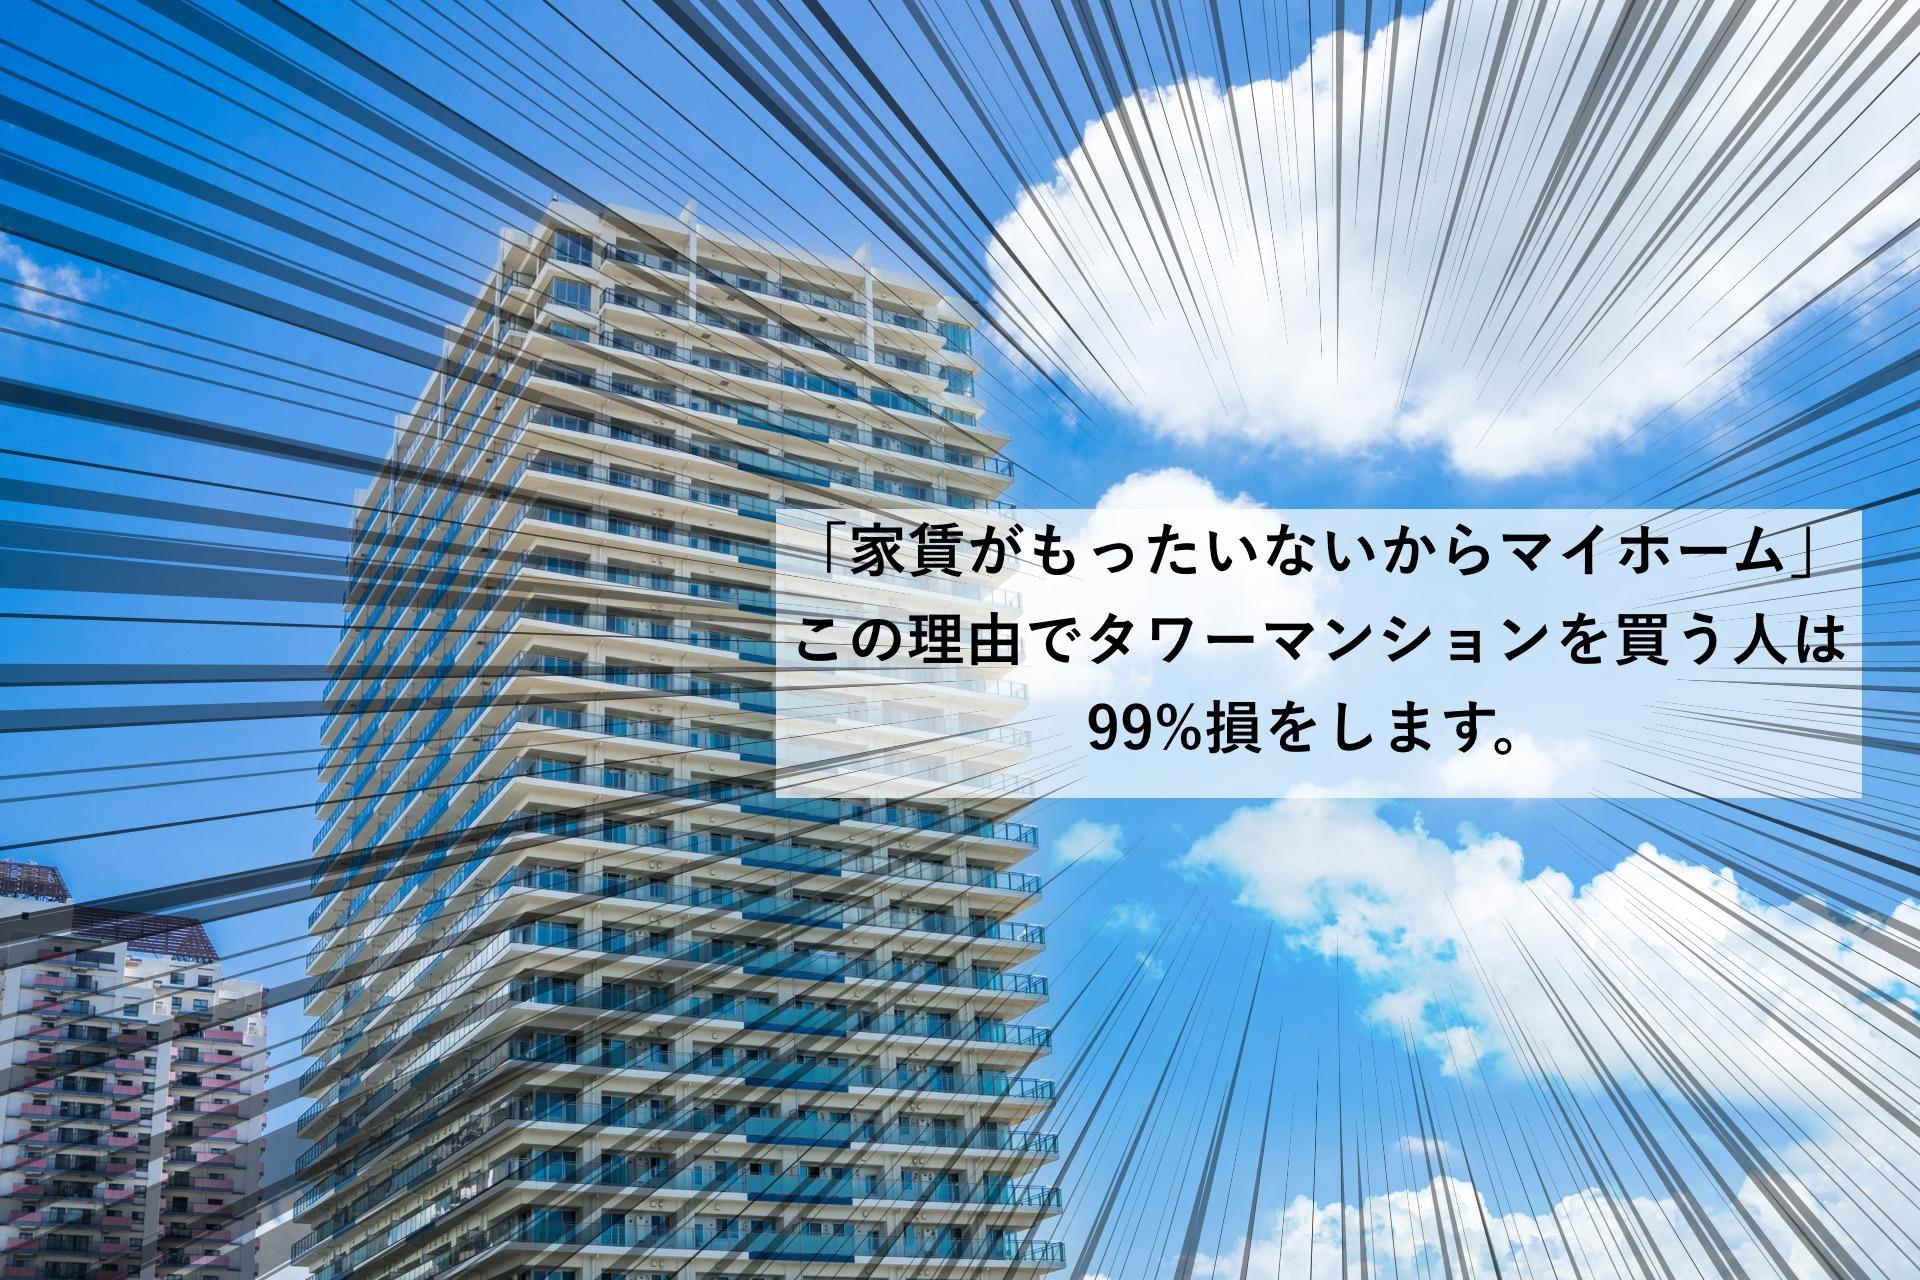 タワーマンション 将来 資産価値